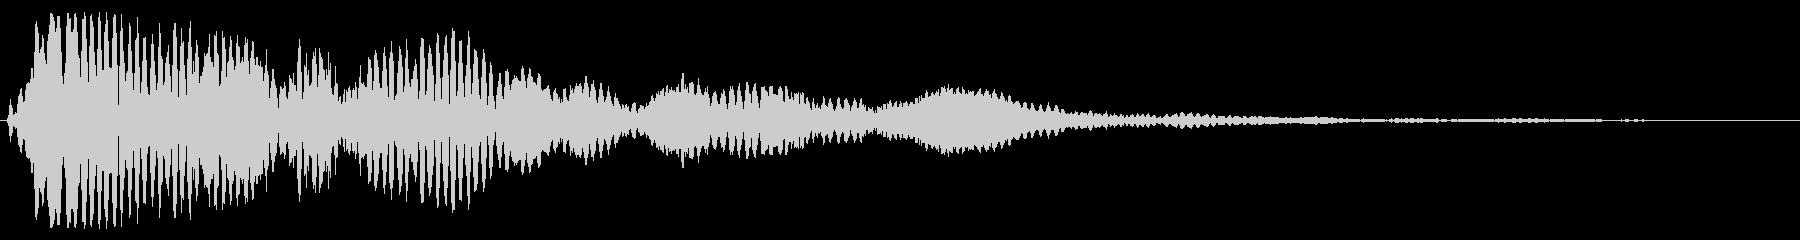 幻想的なフォワオワァーンの未再生の波形